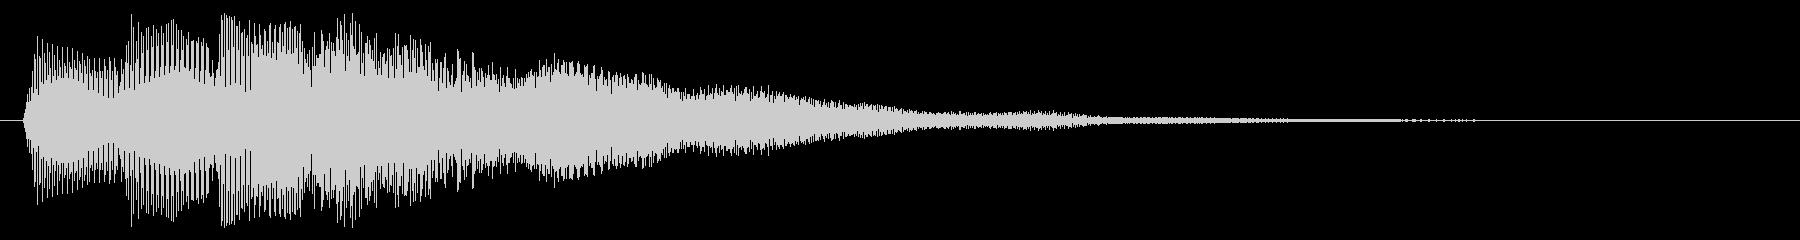 ゲームオーバー ミス 失敗した時の音の未再生の波形